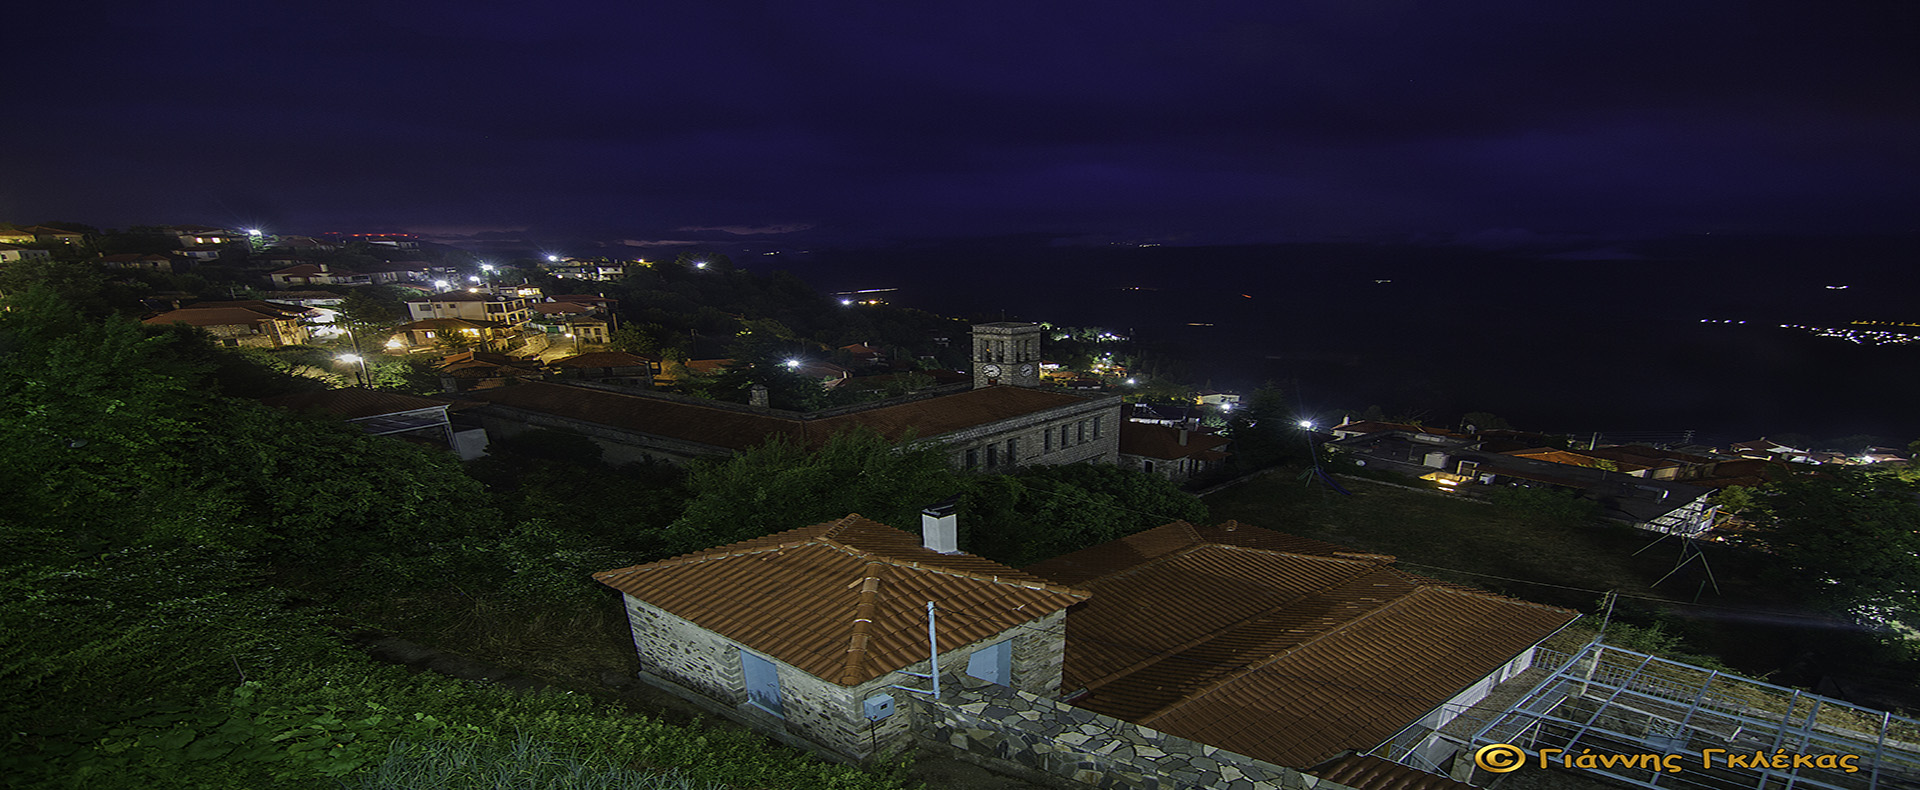 Γεωργίτσι Λακωνίας - Το Μπαλκόνι του Ταϋγέτου